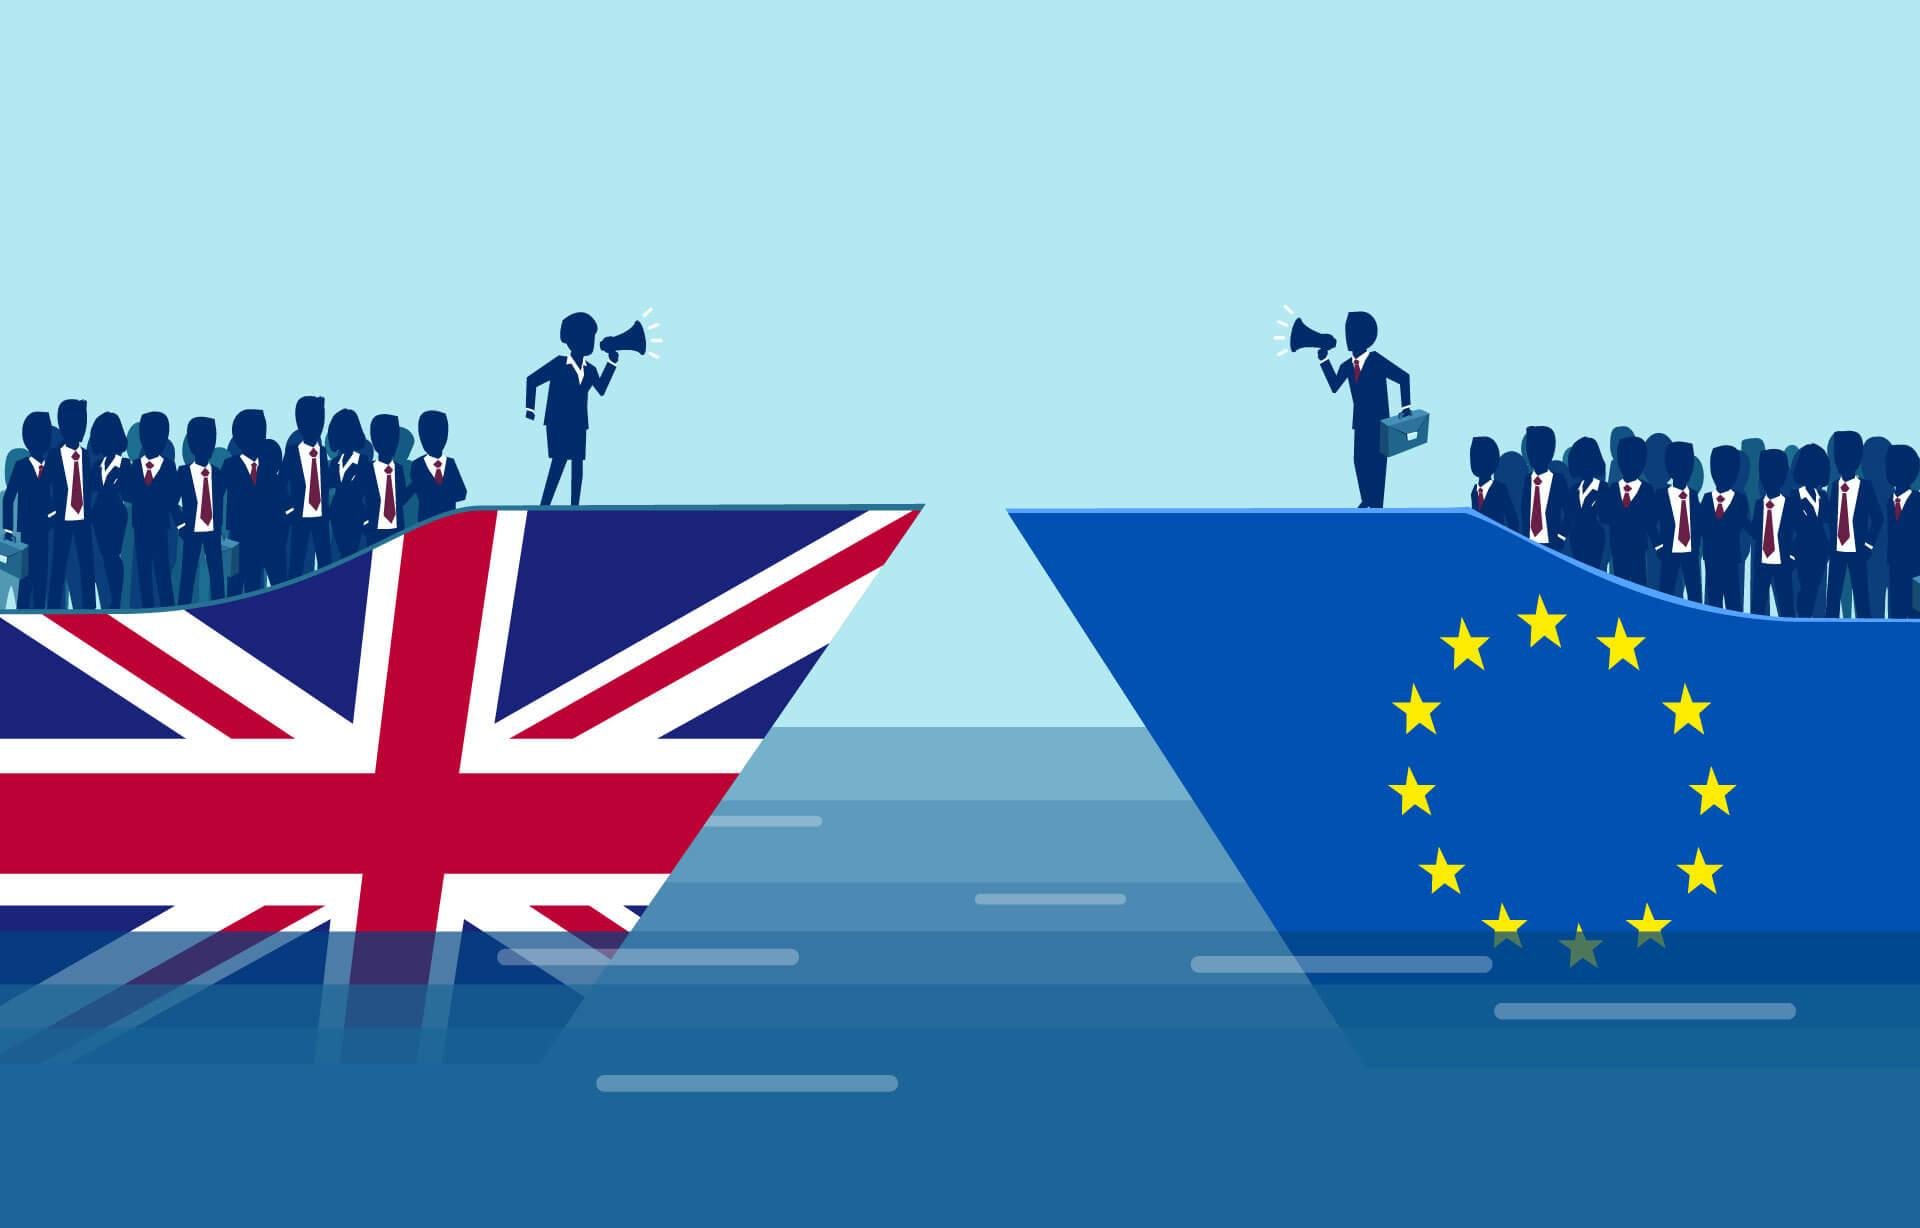 Đồng Bảng Anh có thể tăng giá gần 5% nếu Anh và EU đạt được thỏa thuận thương mại Brexit!